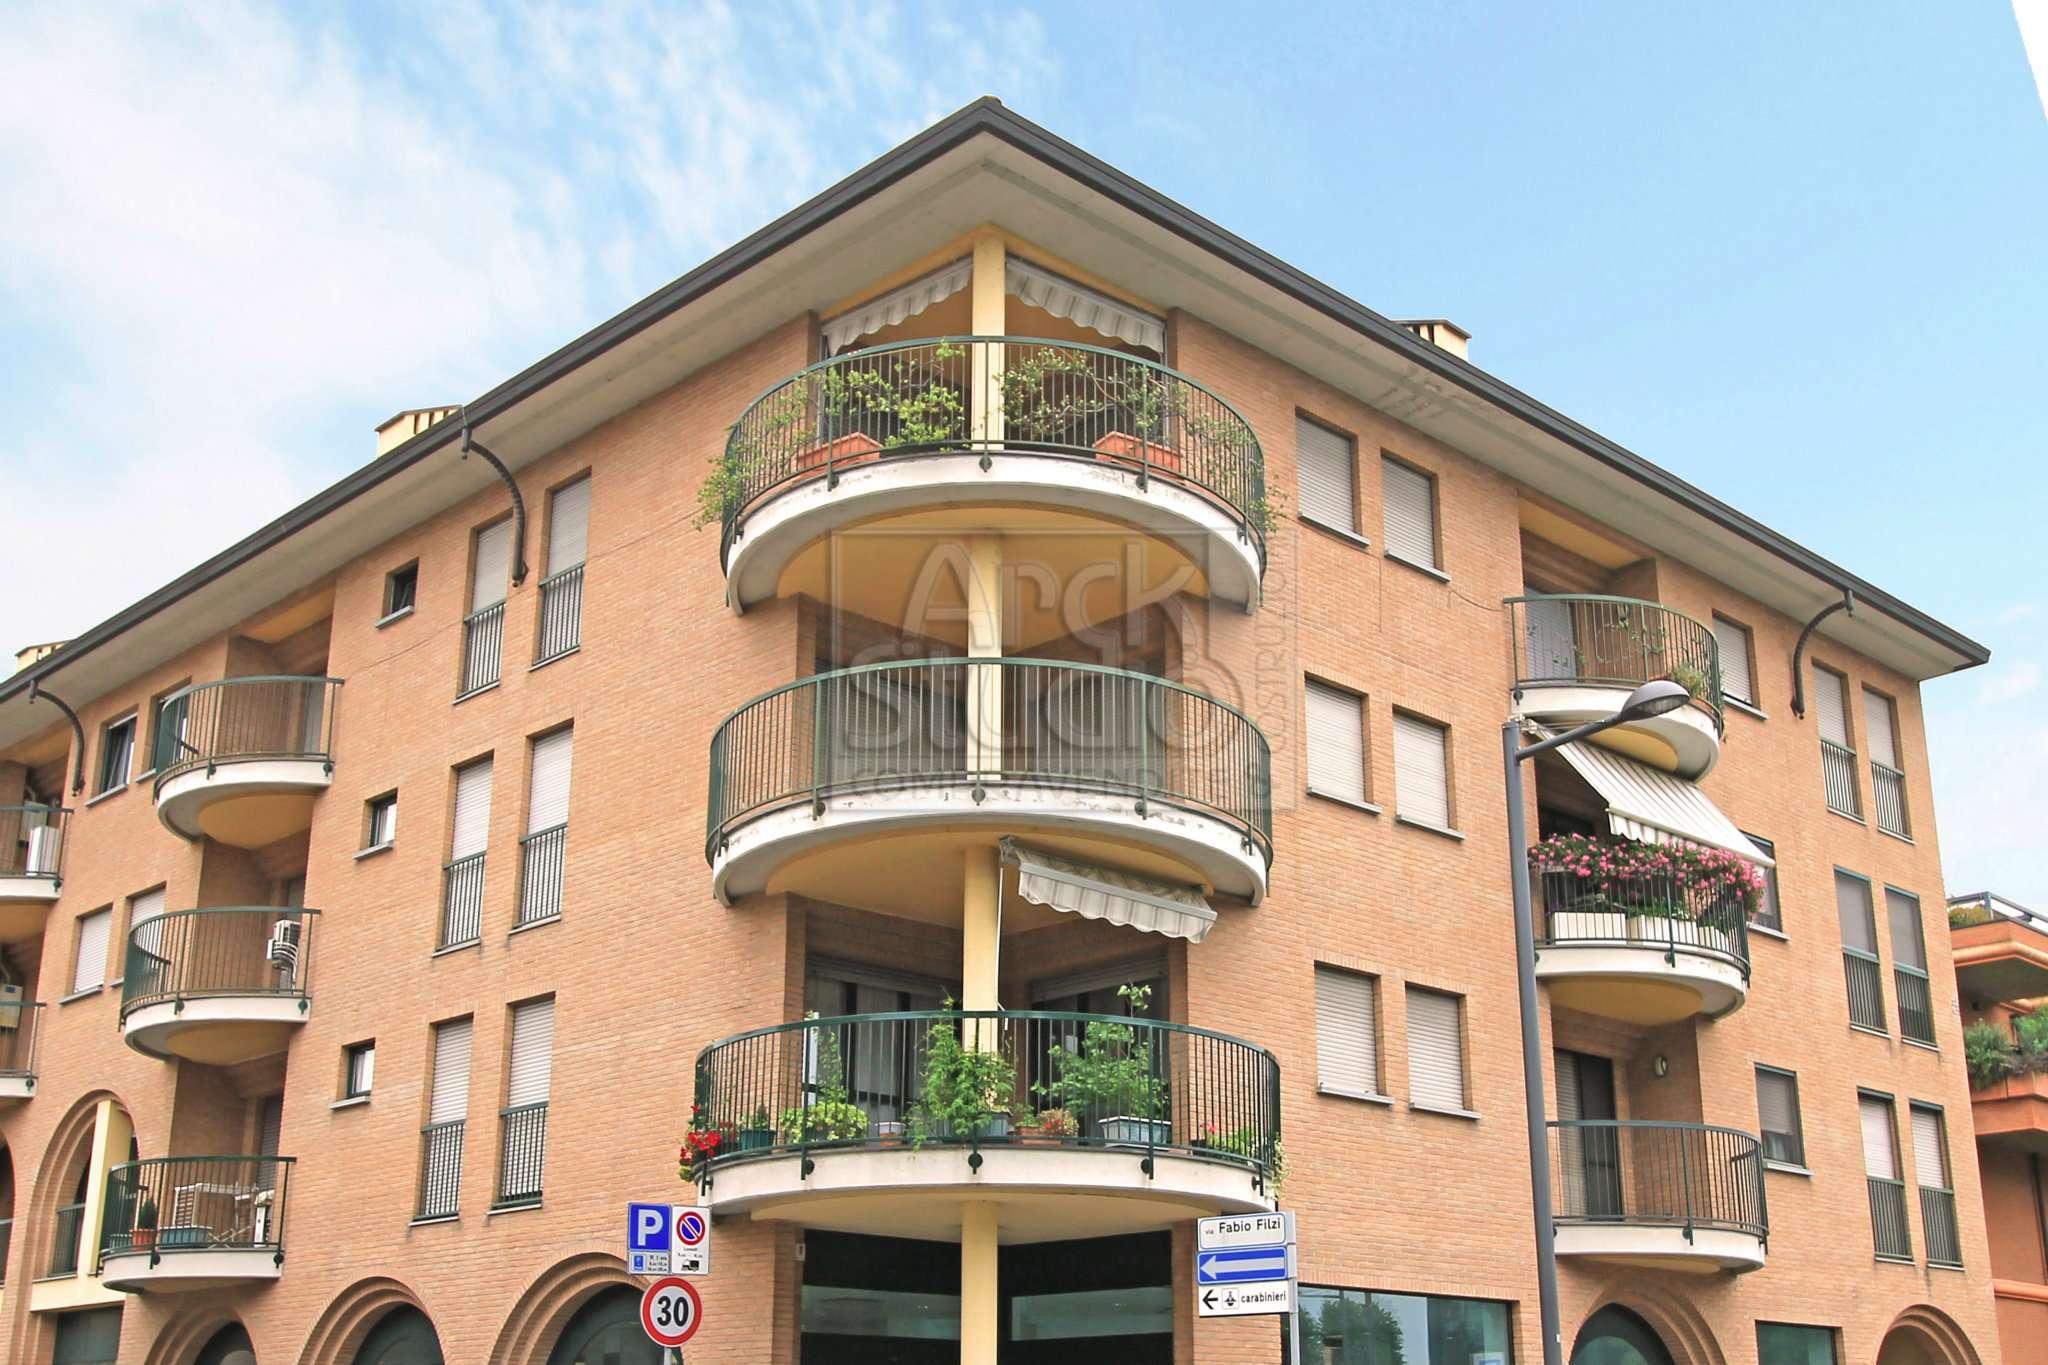 Attico / Mansarda in vendita a Treviglio, 4 locali, prezzo € 325.000 | CambioCasa.it